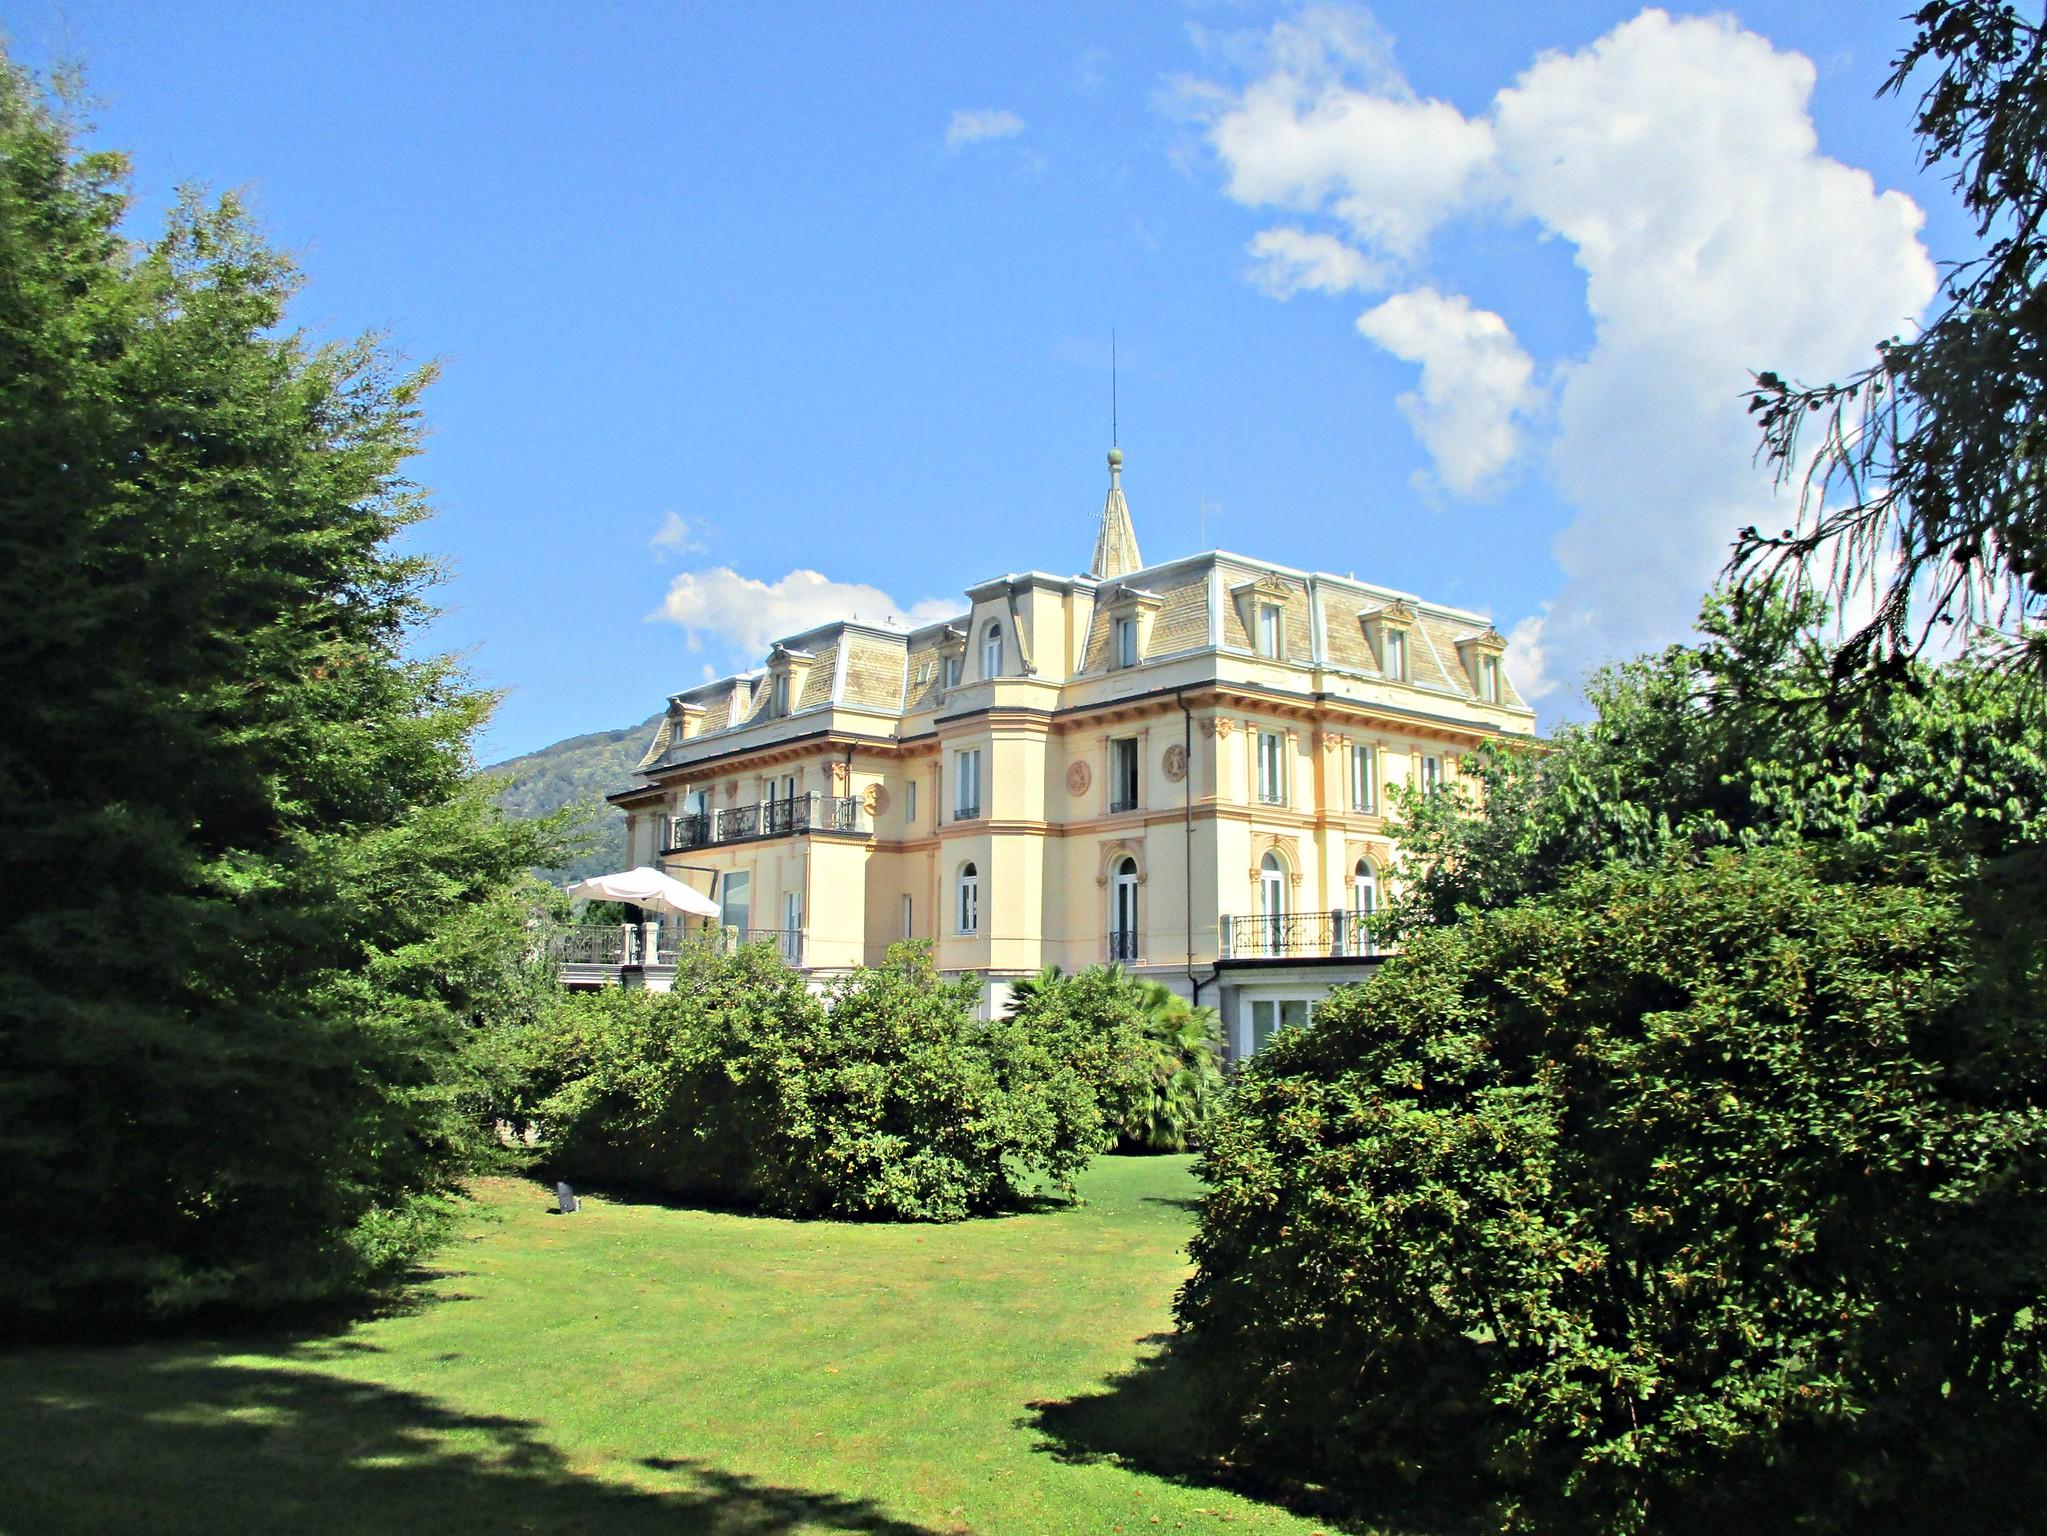 giardini di villa taranto a verbania